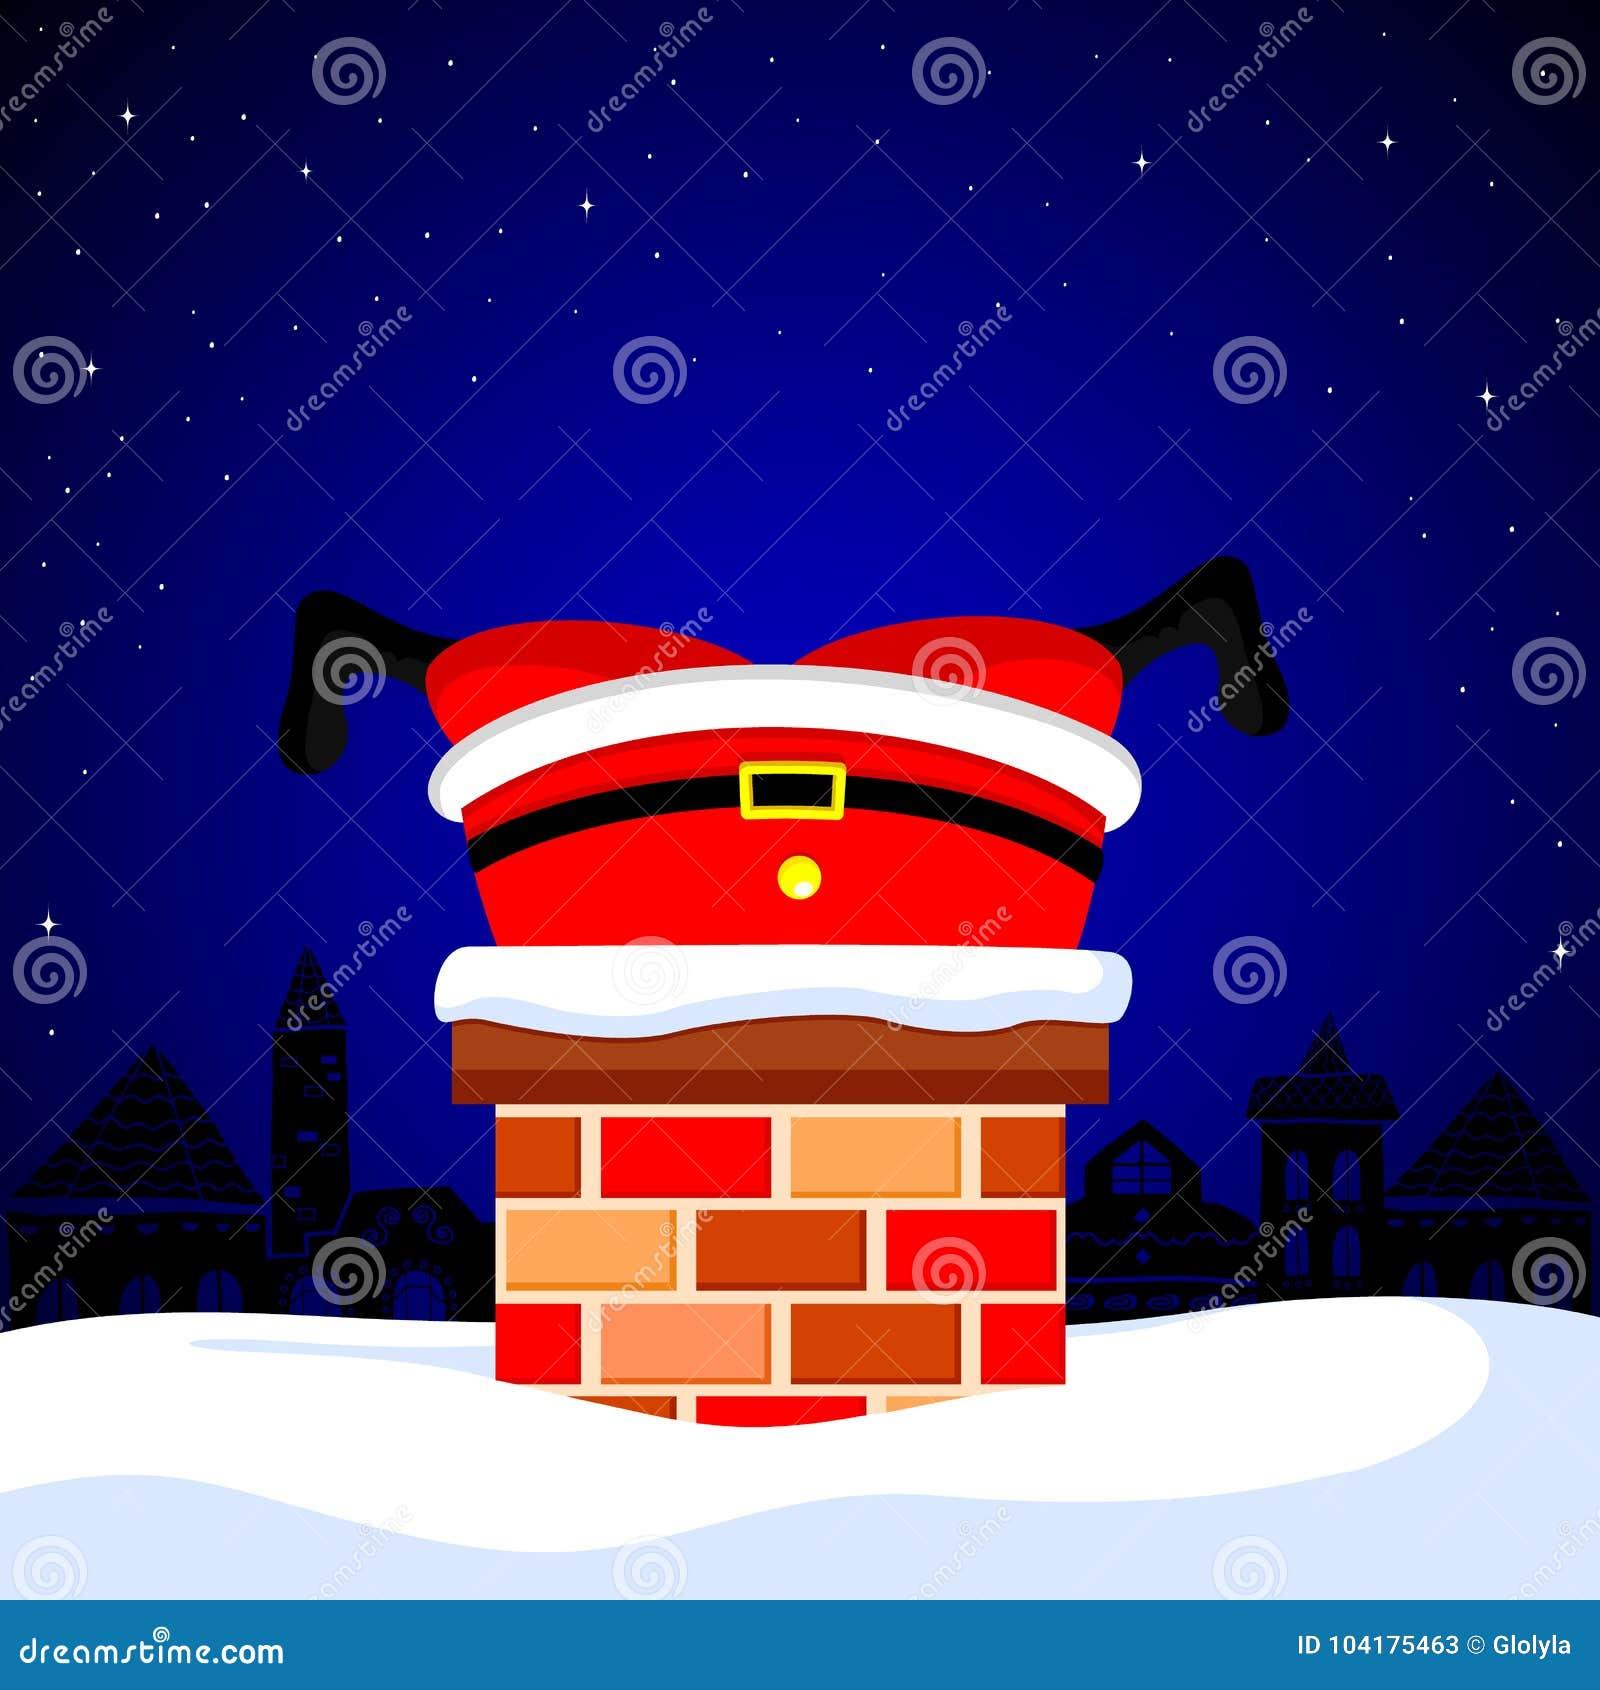 Dibujos Chimeneas De Navidad.Santa Claus Se Pego En La Chimenea En El Tejado De La Nieve